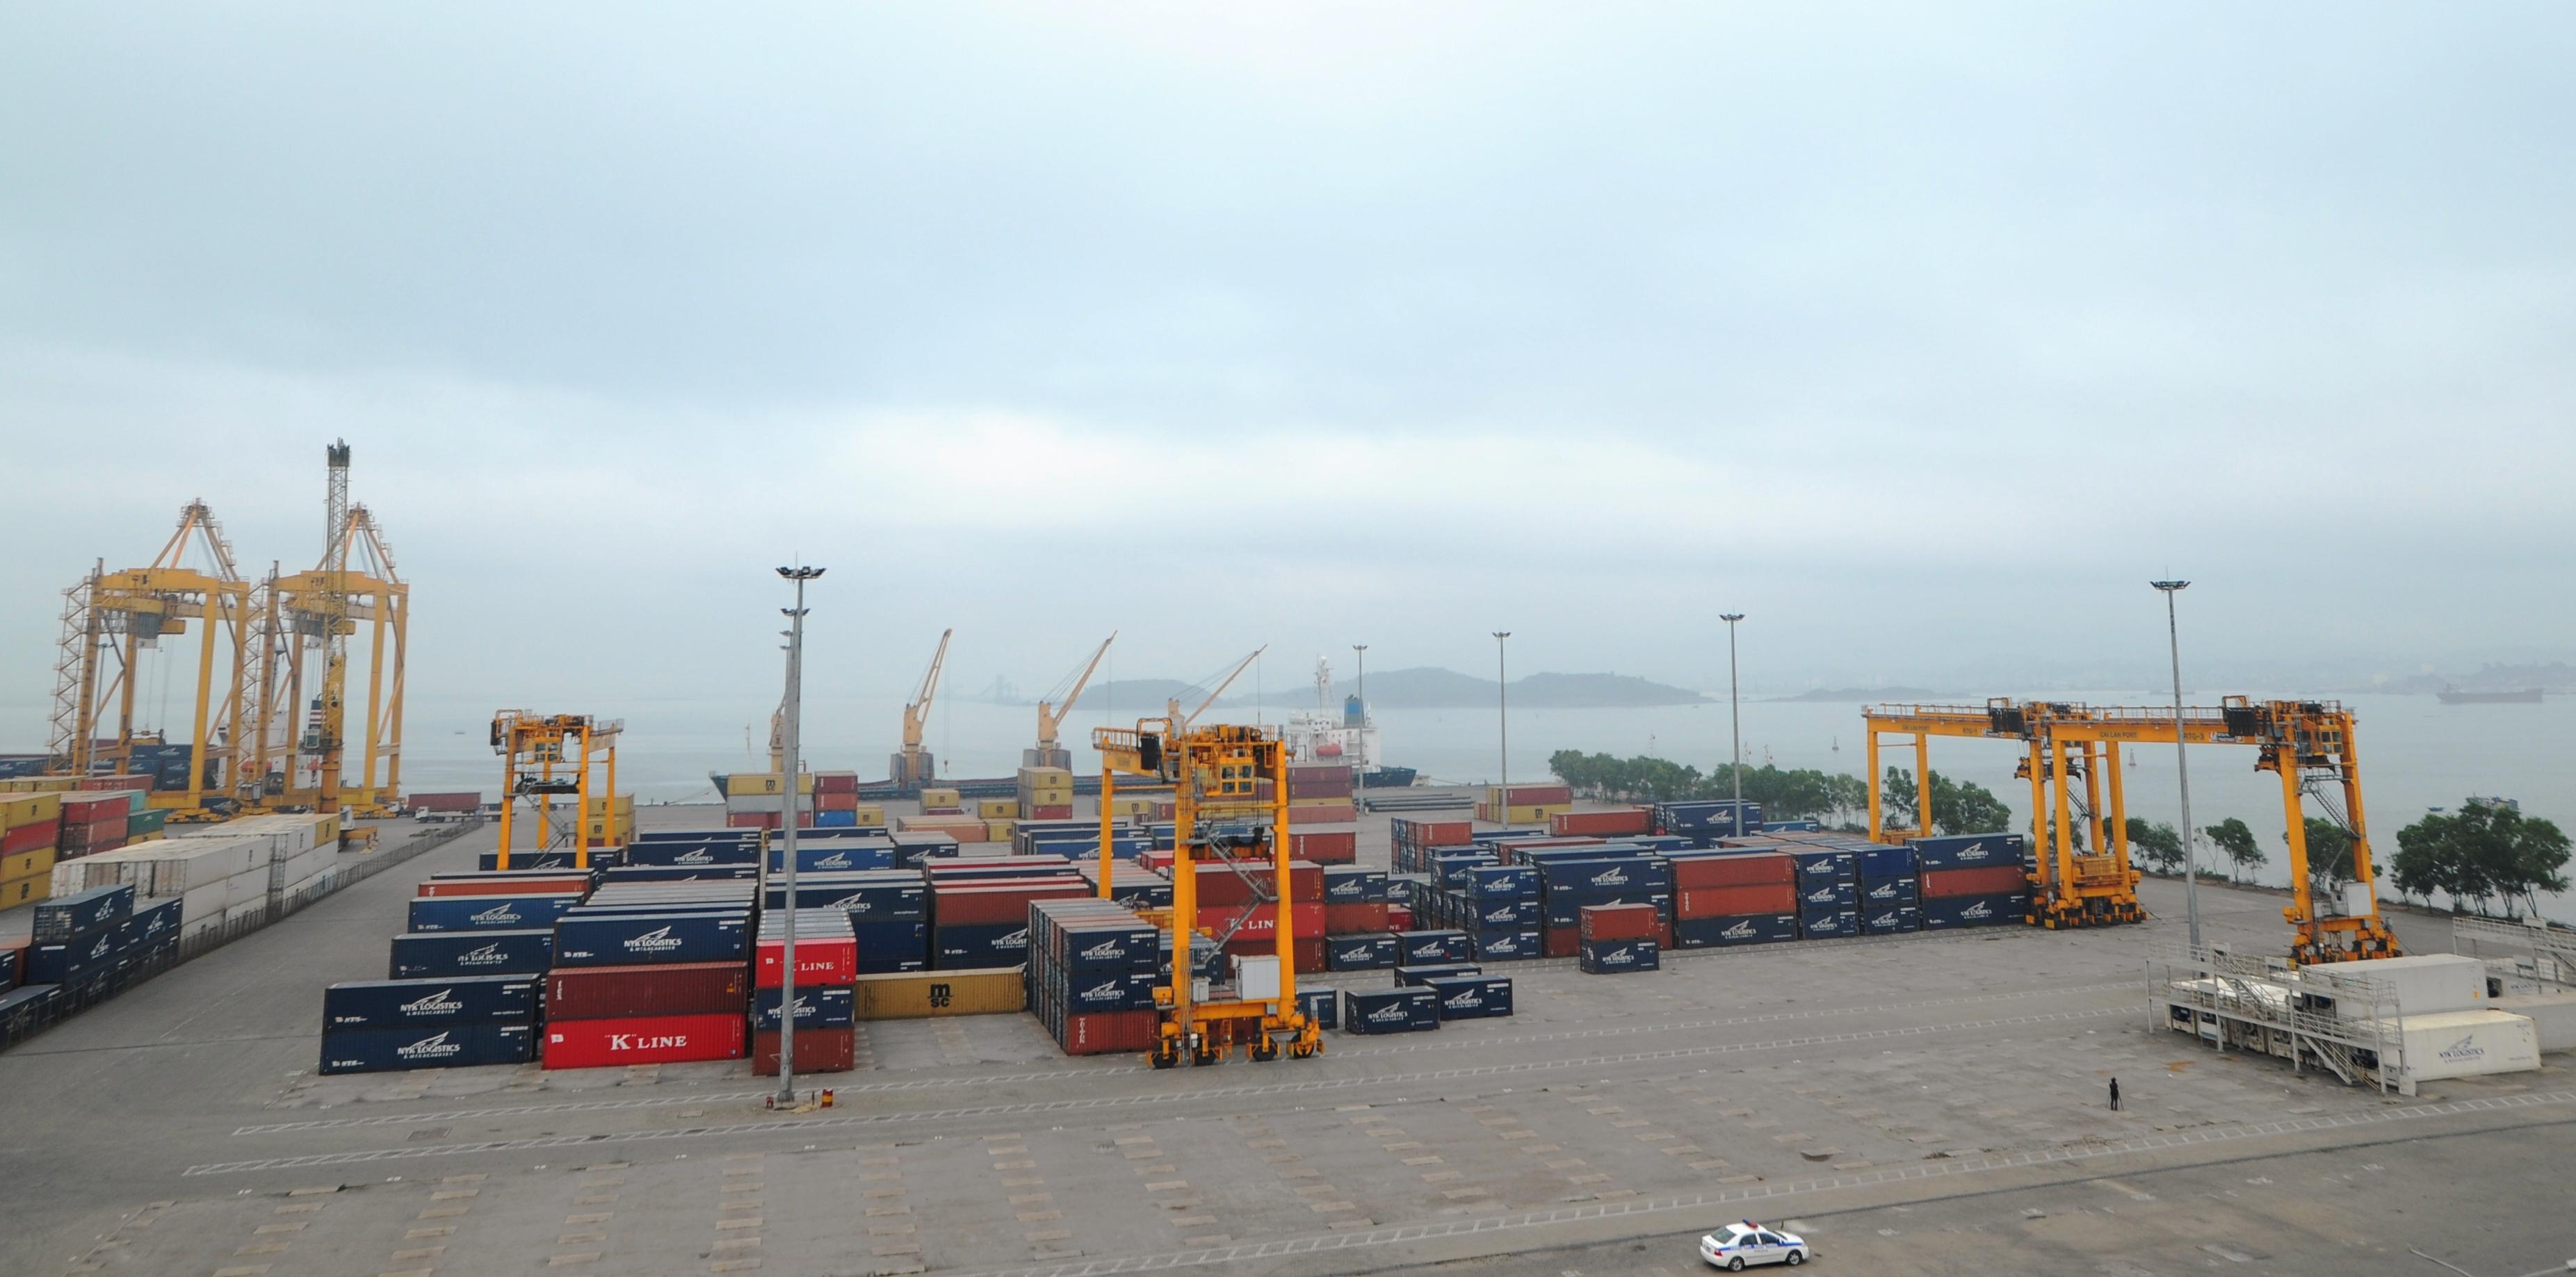 Kim ngạch xuất nhập khẩu hàng hoá của Việt Nam ước đạt gần 198,25 tỷ USD trong 6 tháng đầu năm